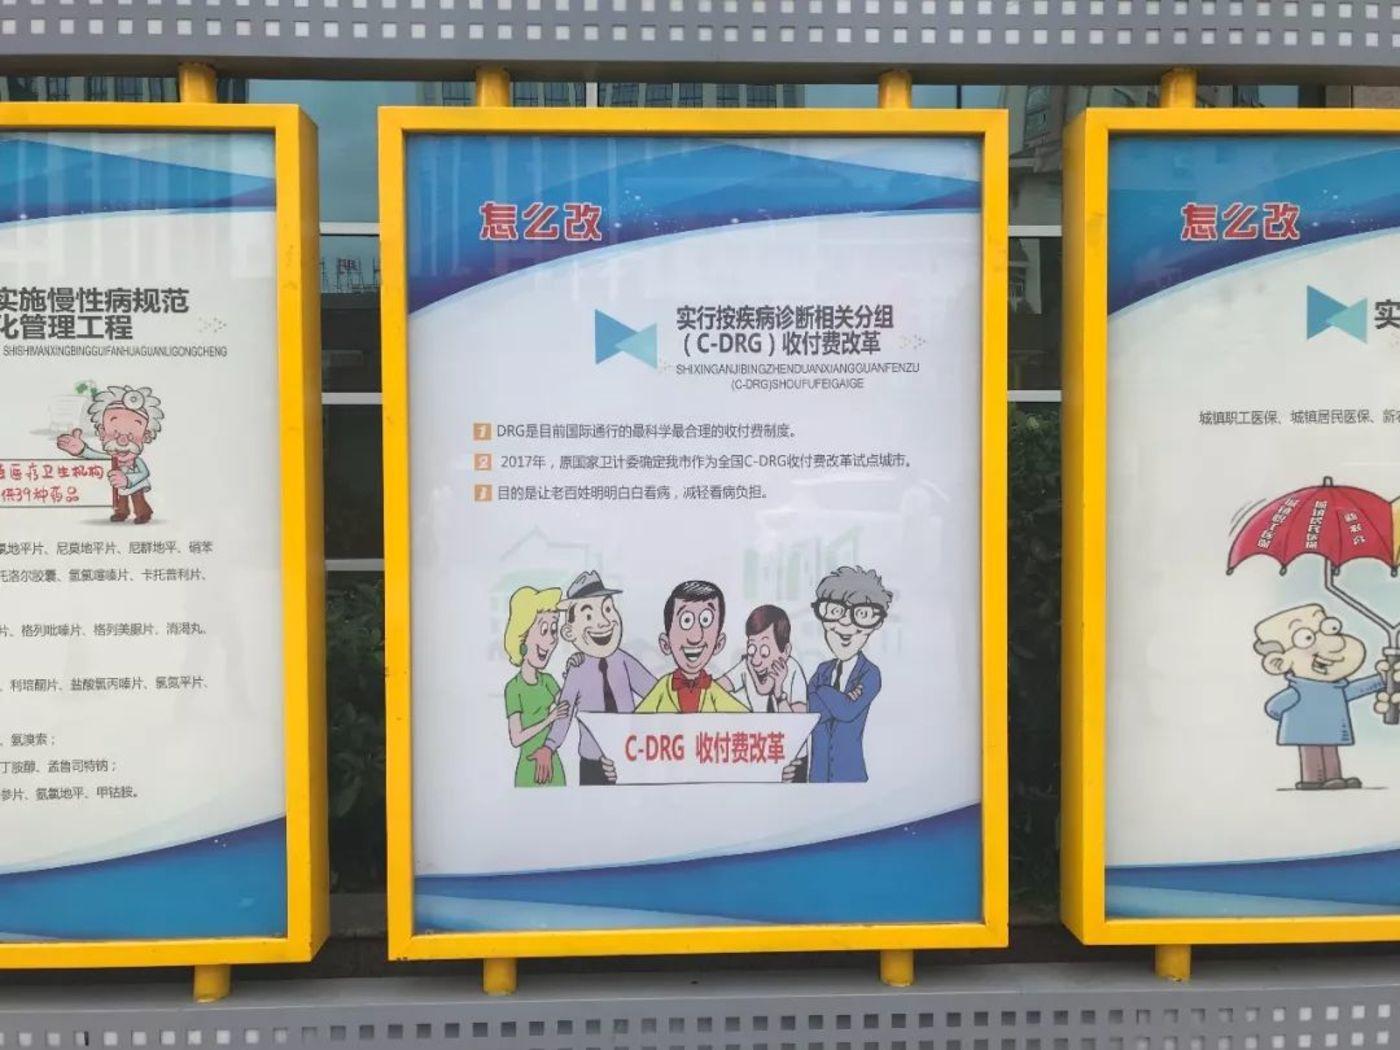 三明市第一医院门诊大厅外的C-DRG宣传栏 图片来源@八点健闻拍摄